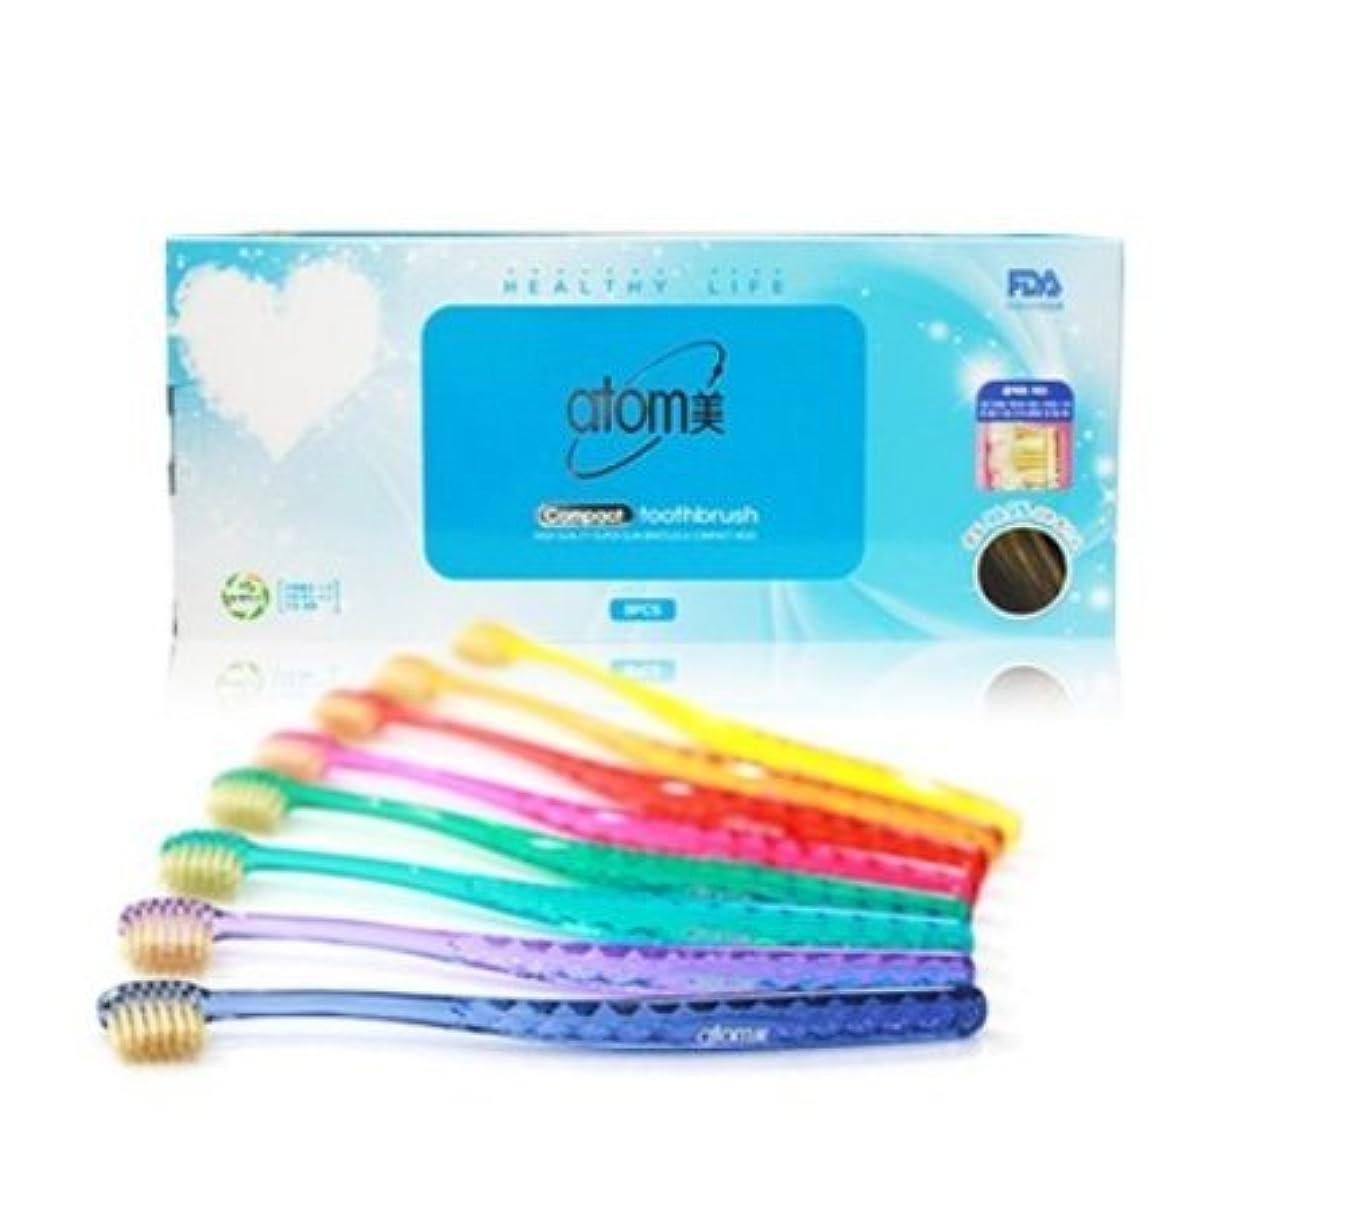 タブレット成長執着Atomi Atomy Atom美 アトミ アトミコンパクト歯ブラシ8本セット